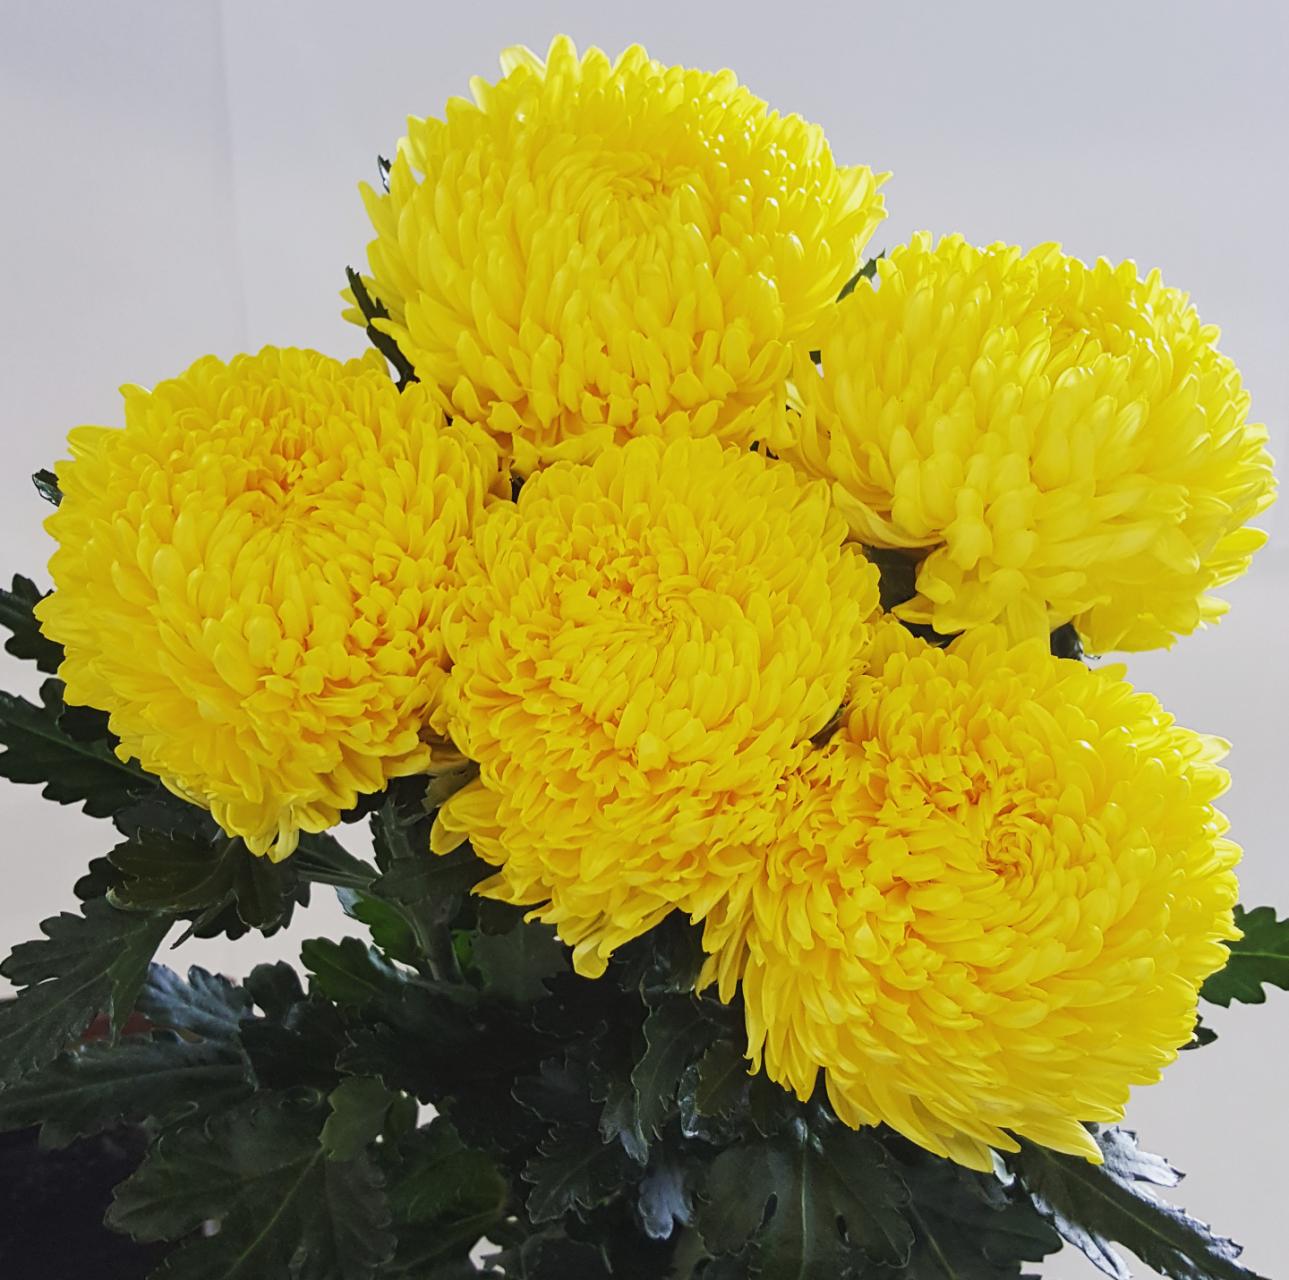 Yellow MUM disbud